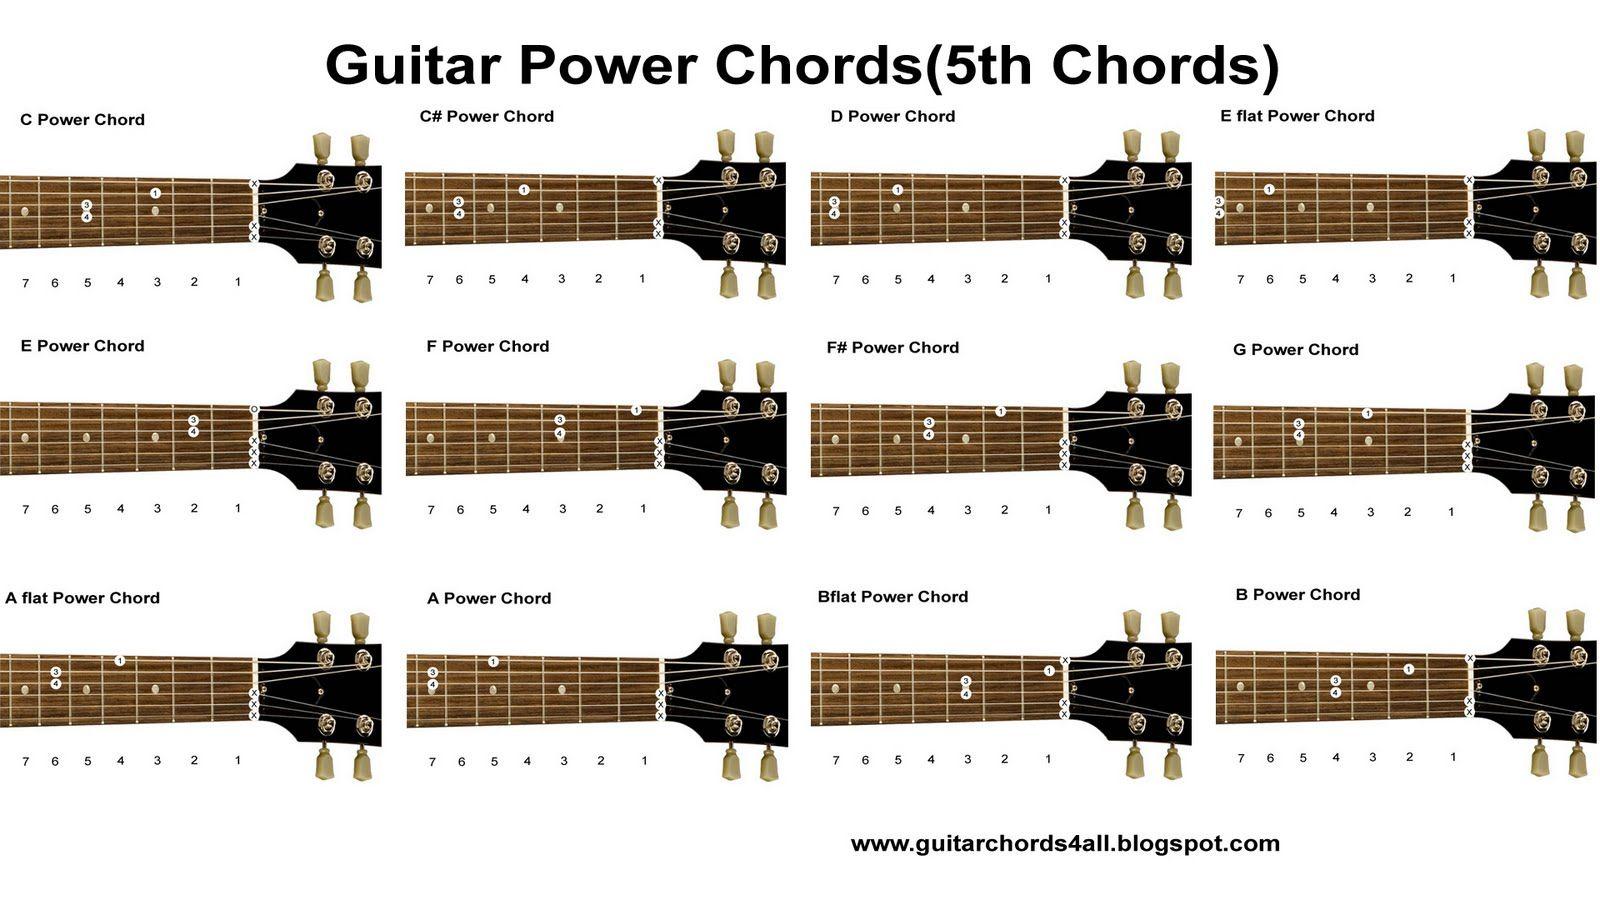 Beginner's Guitar Lesson on Power Chords - YouTube